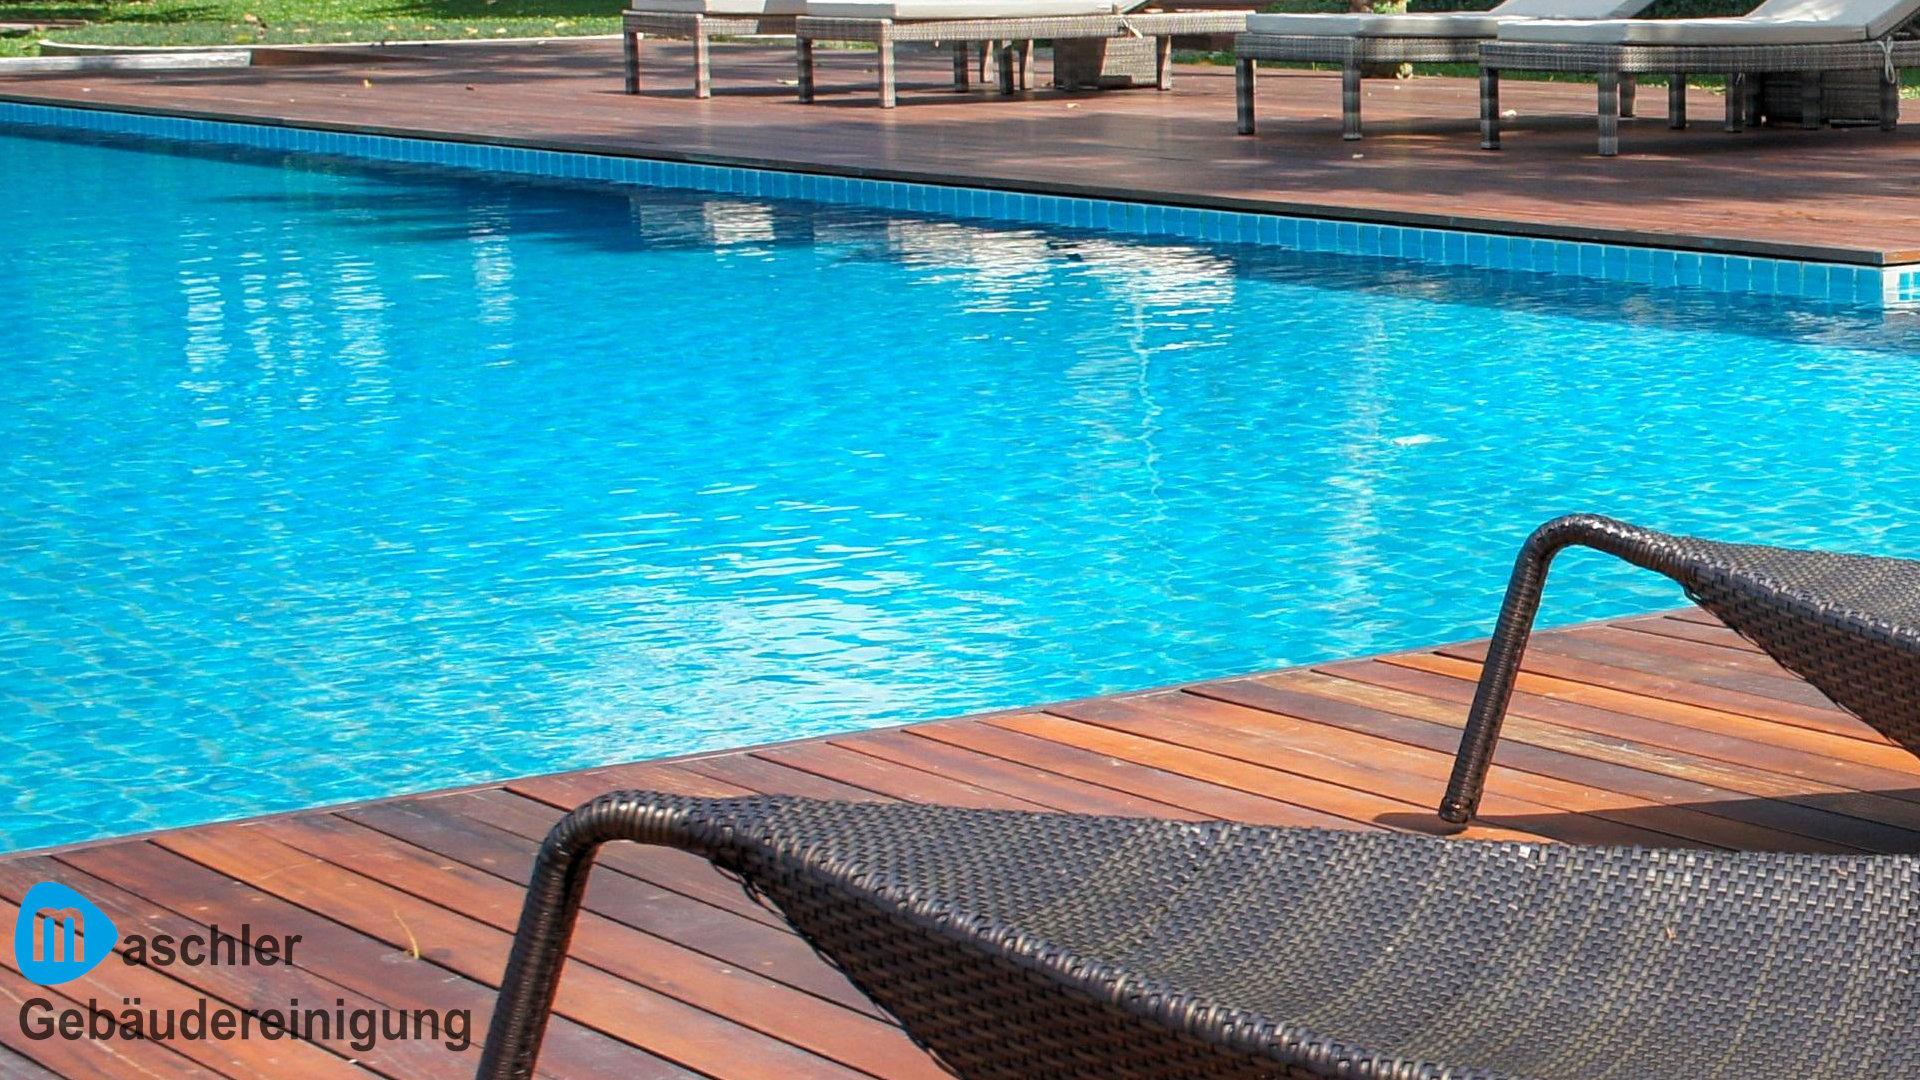 Schwimmbad reinigen & pflegen - Gebäudereinigung Maschler Schwerin